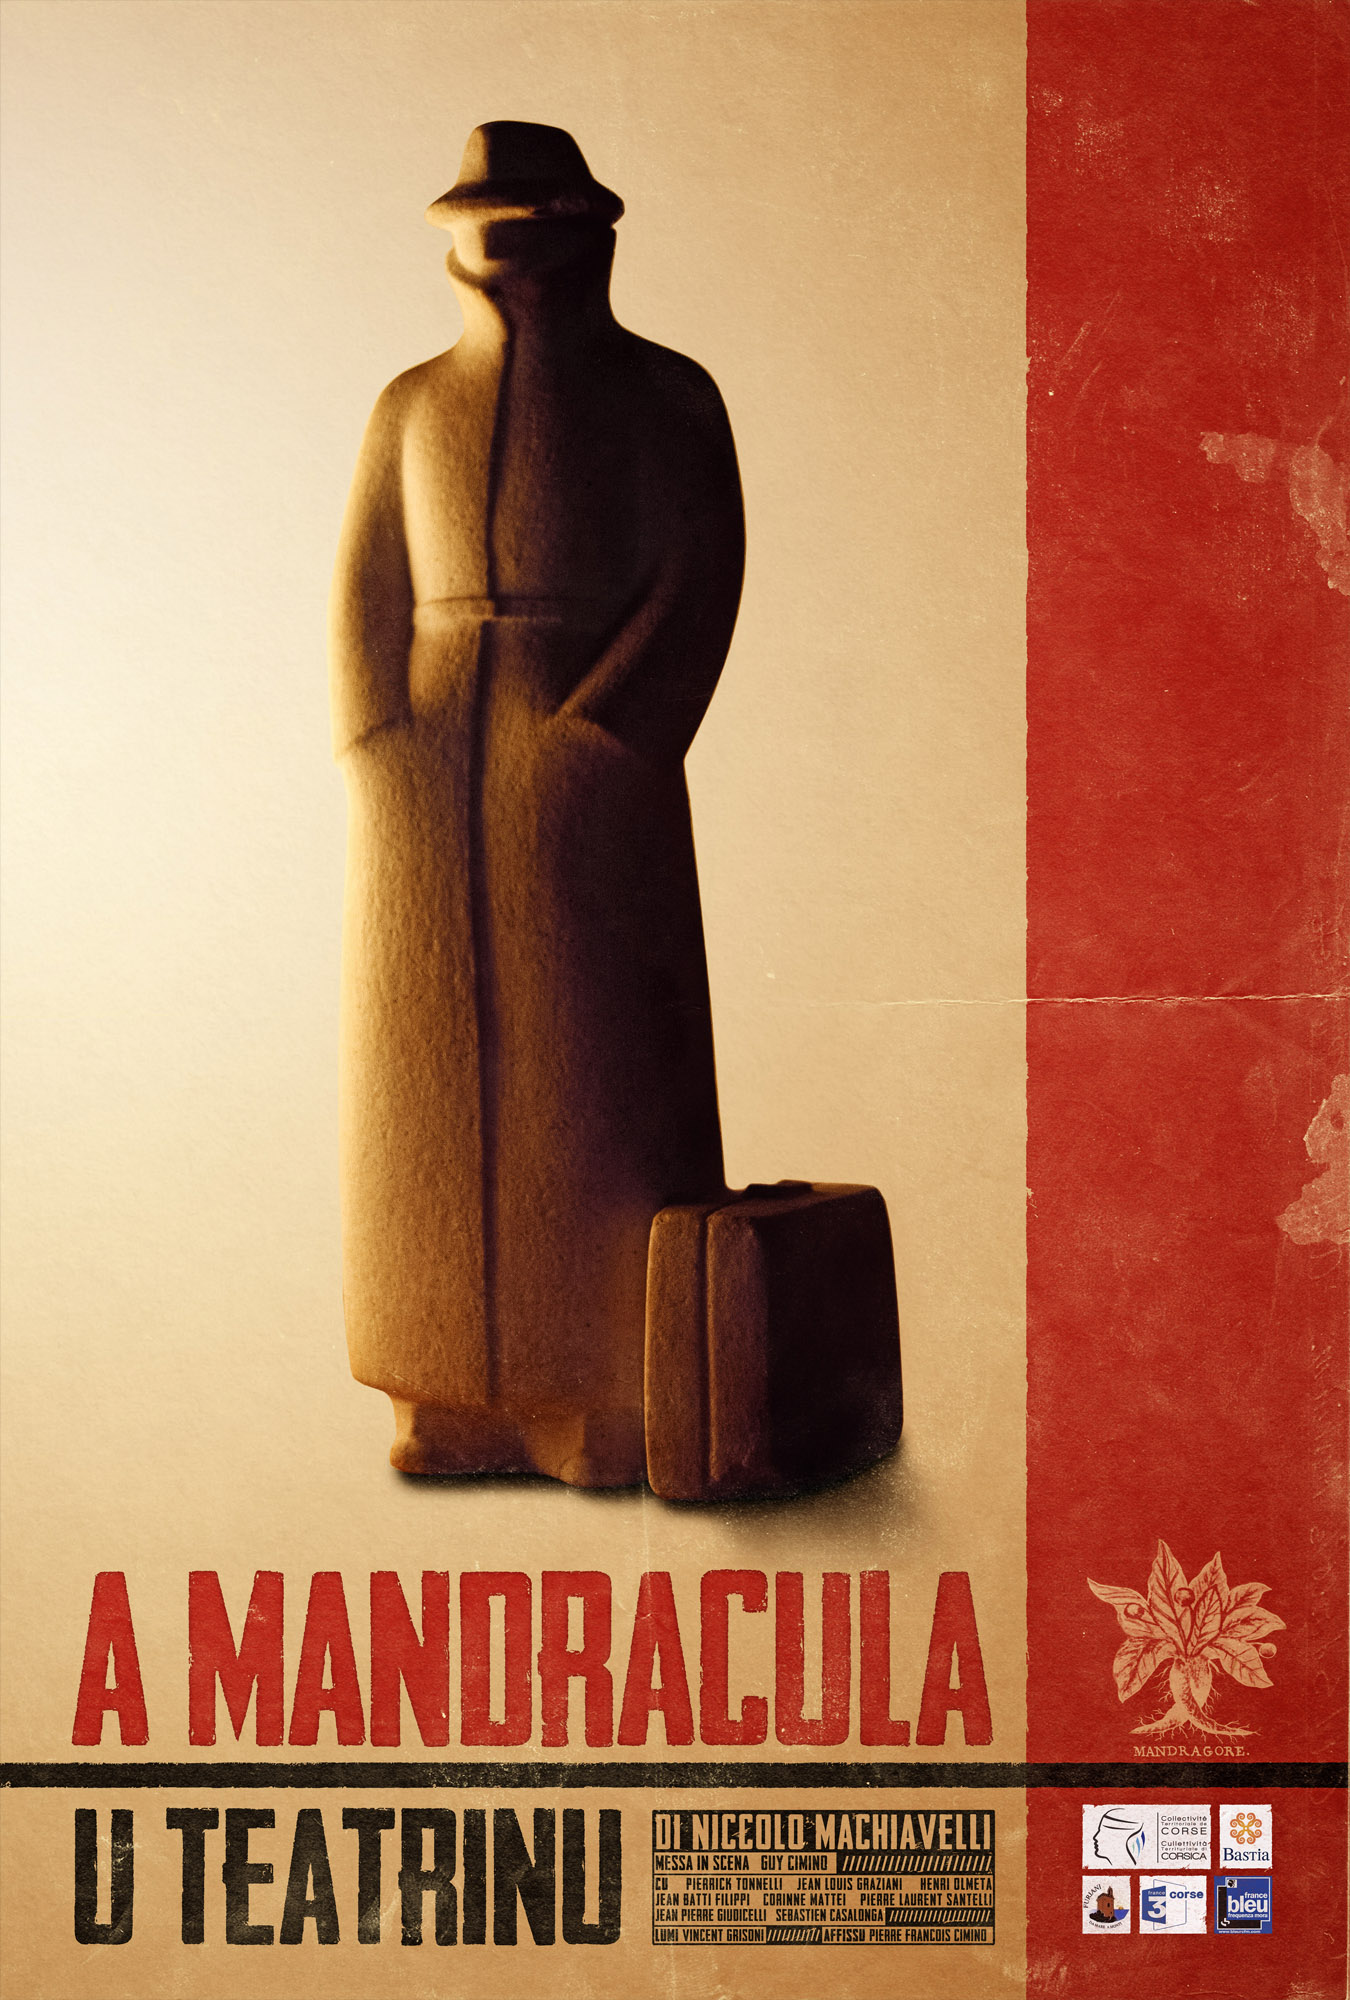 affiche-mandracula